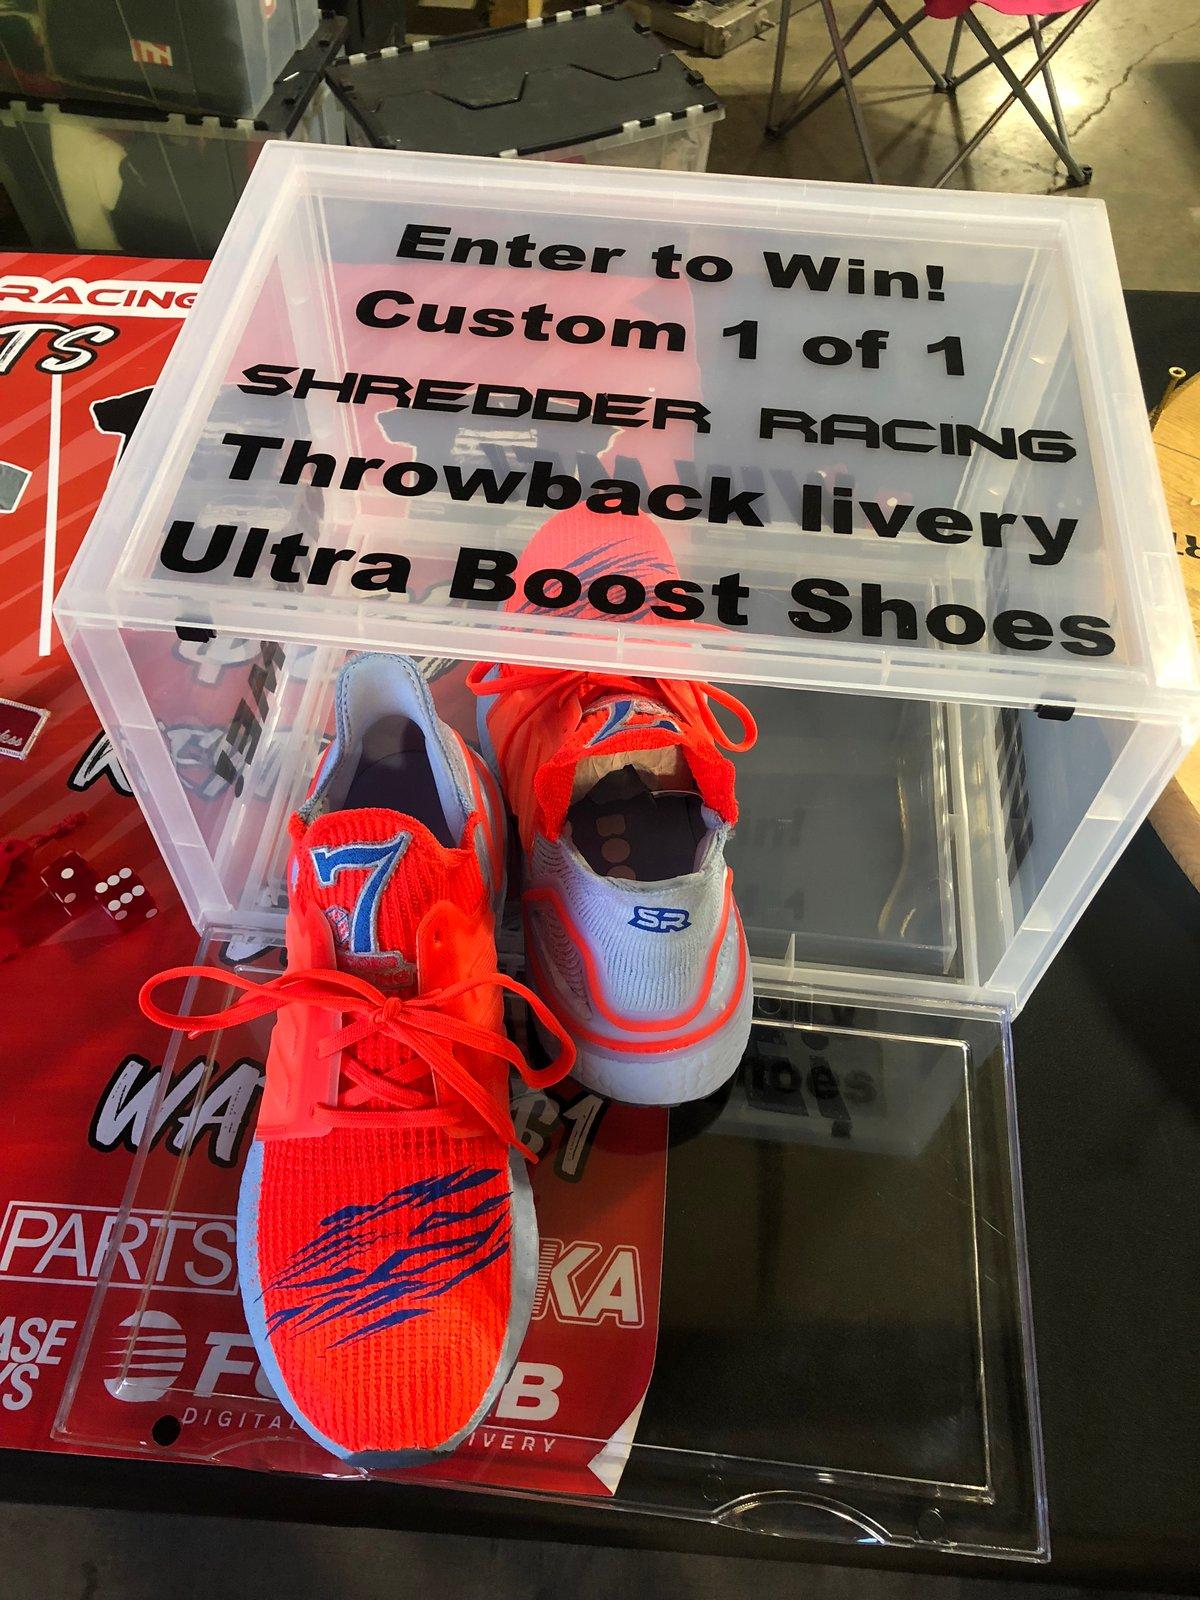 Image of Custom Shredder Racing UltraBoost Sneakers!